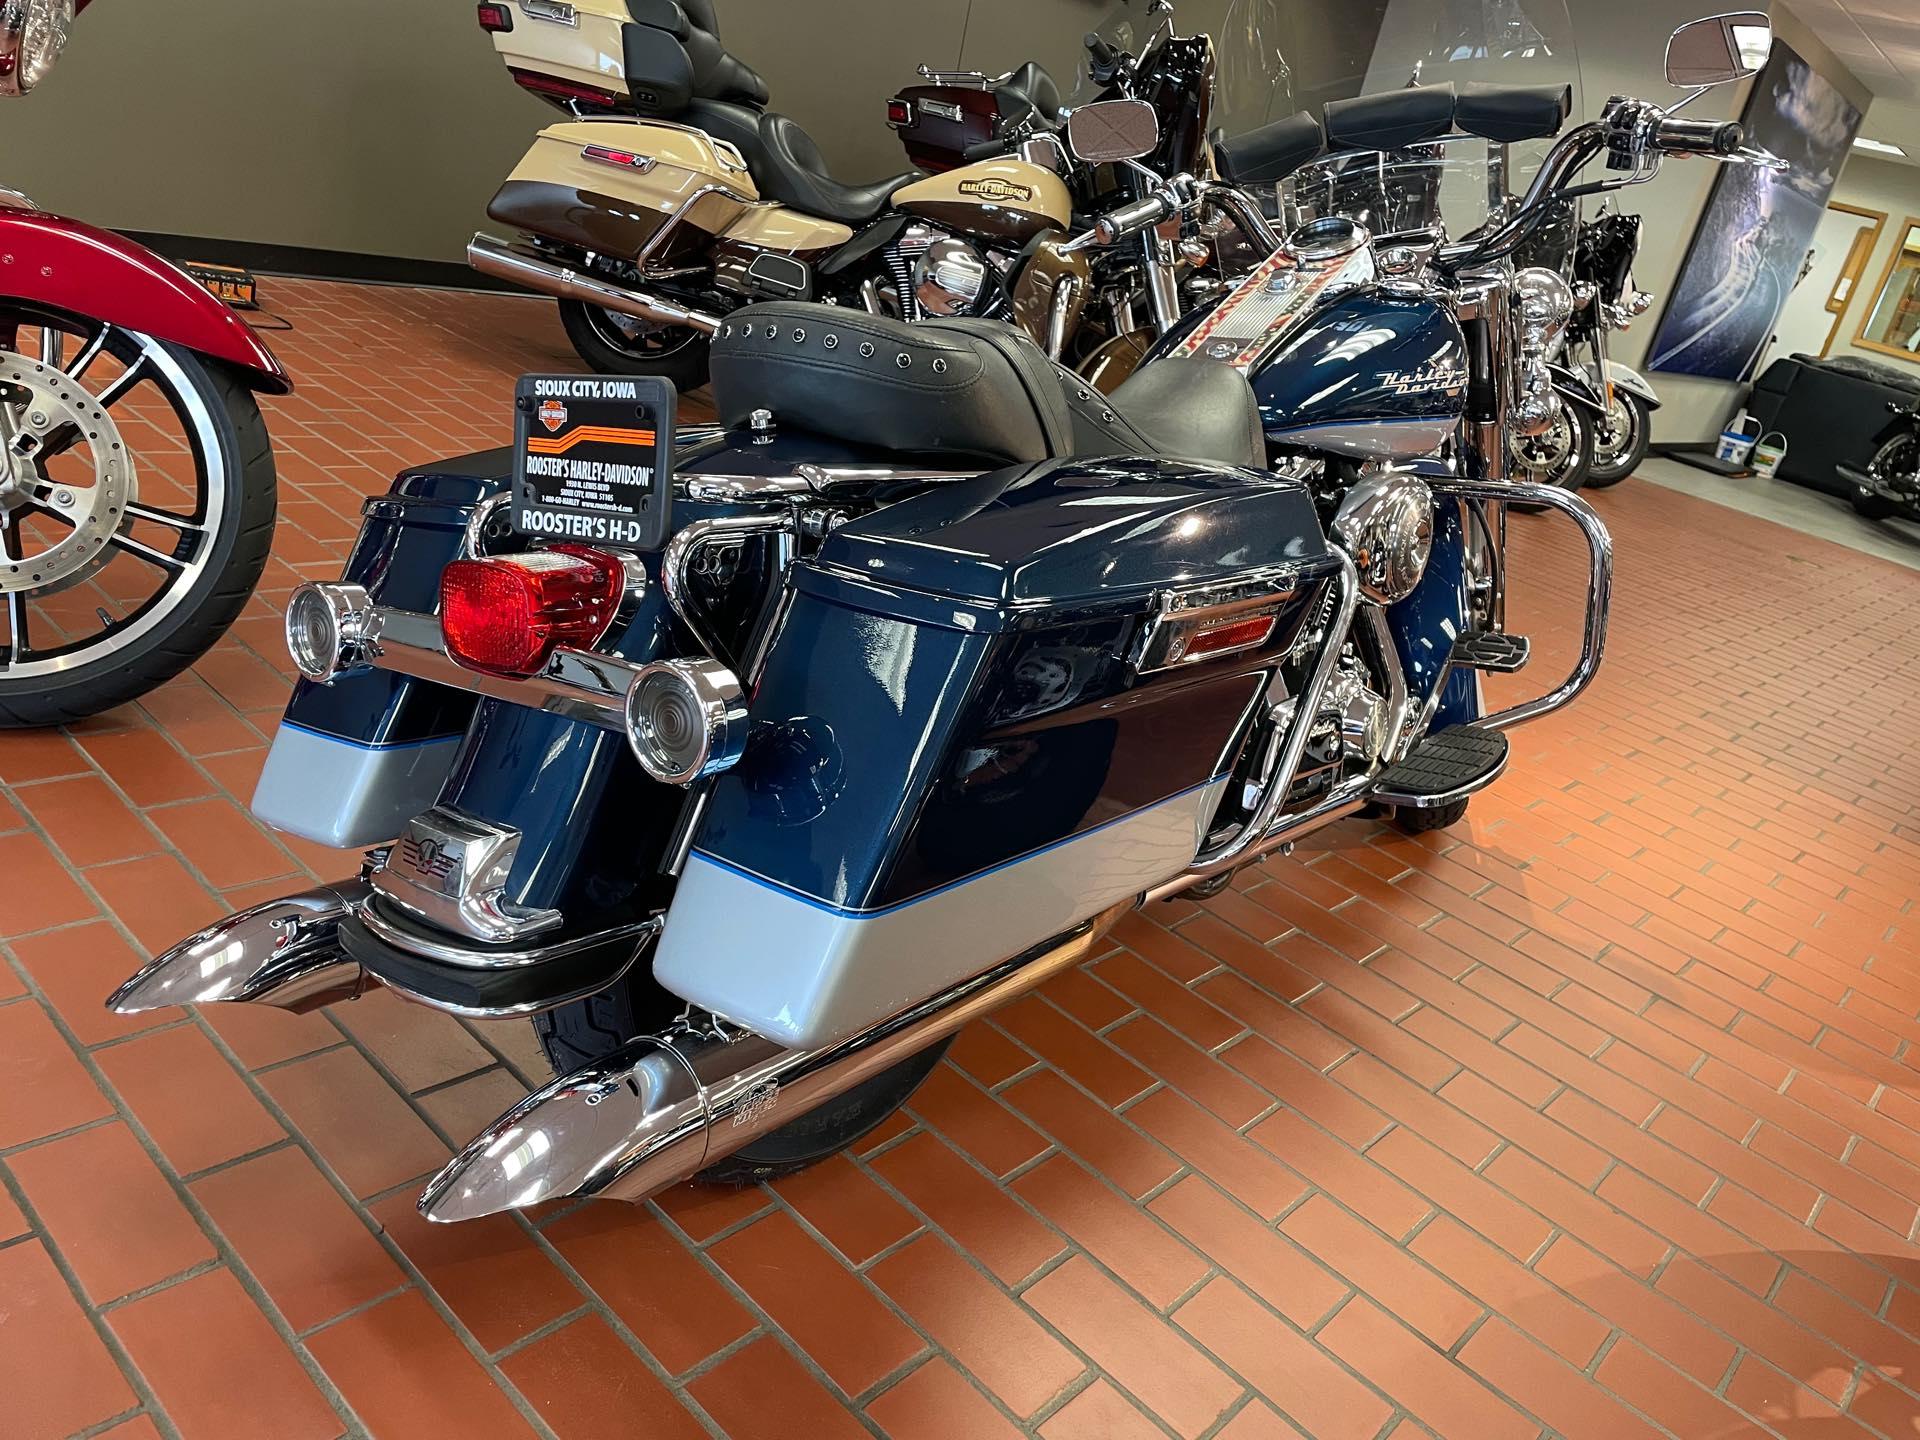 2002 Harley-Davidson FLHR-I at Rooster's Harley Davidson